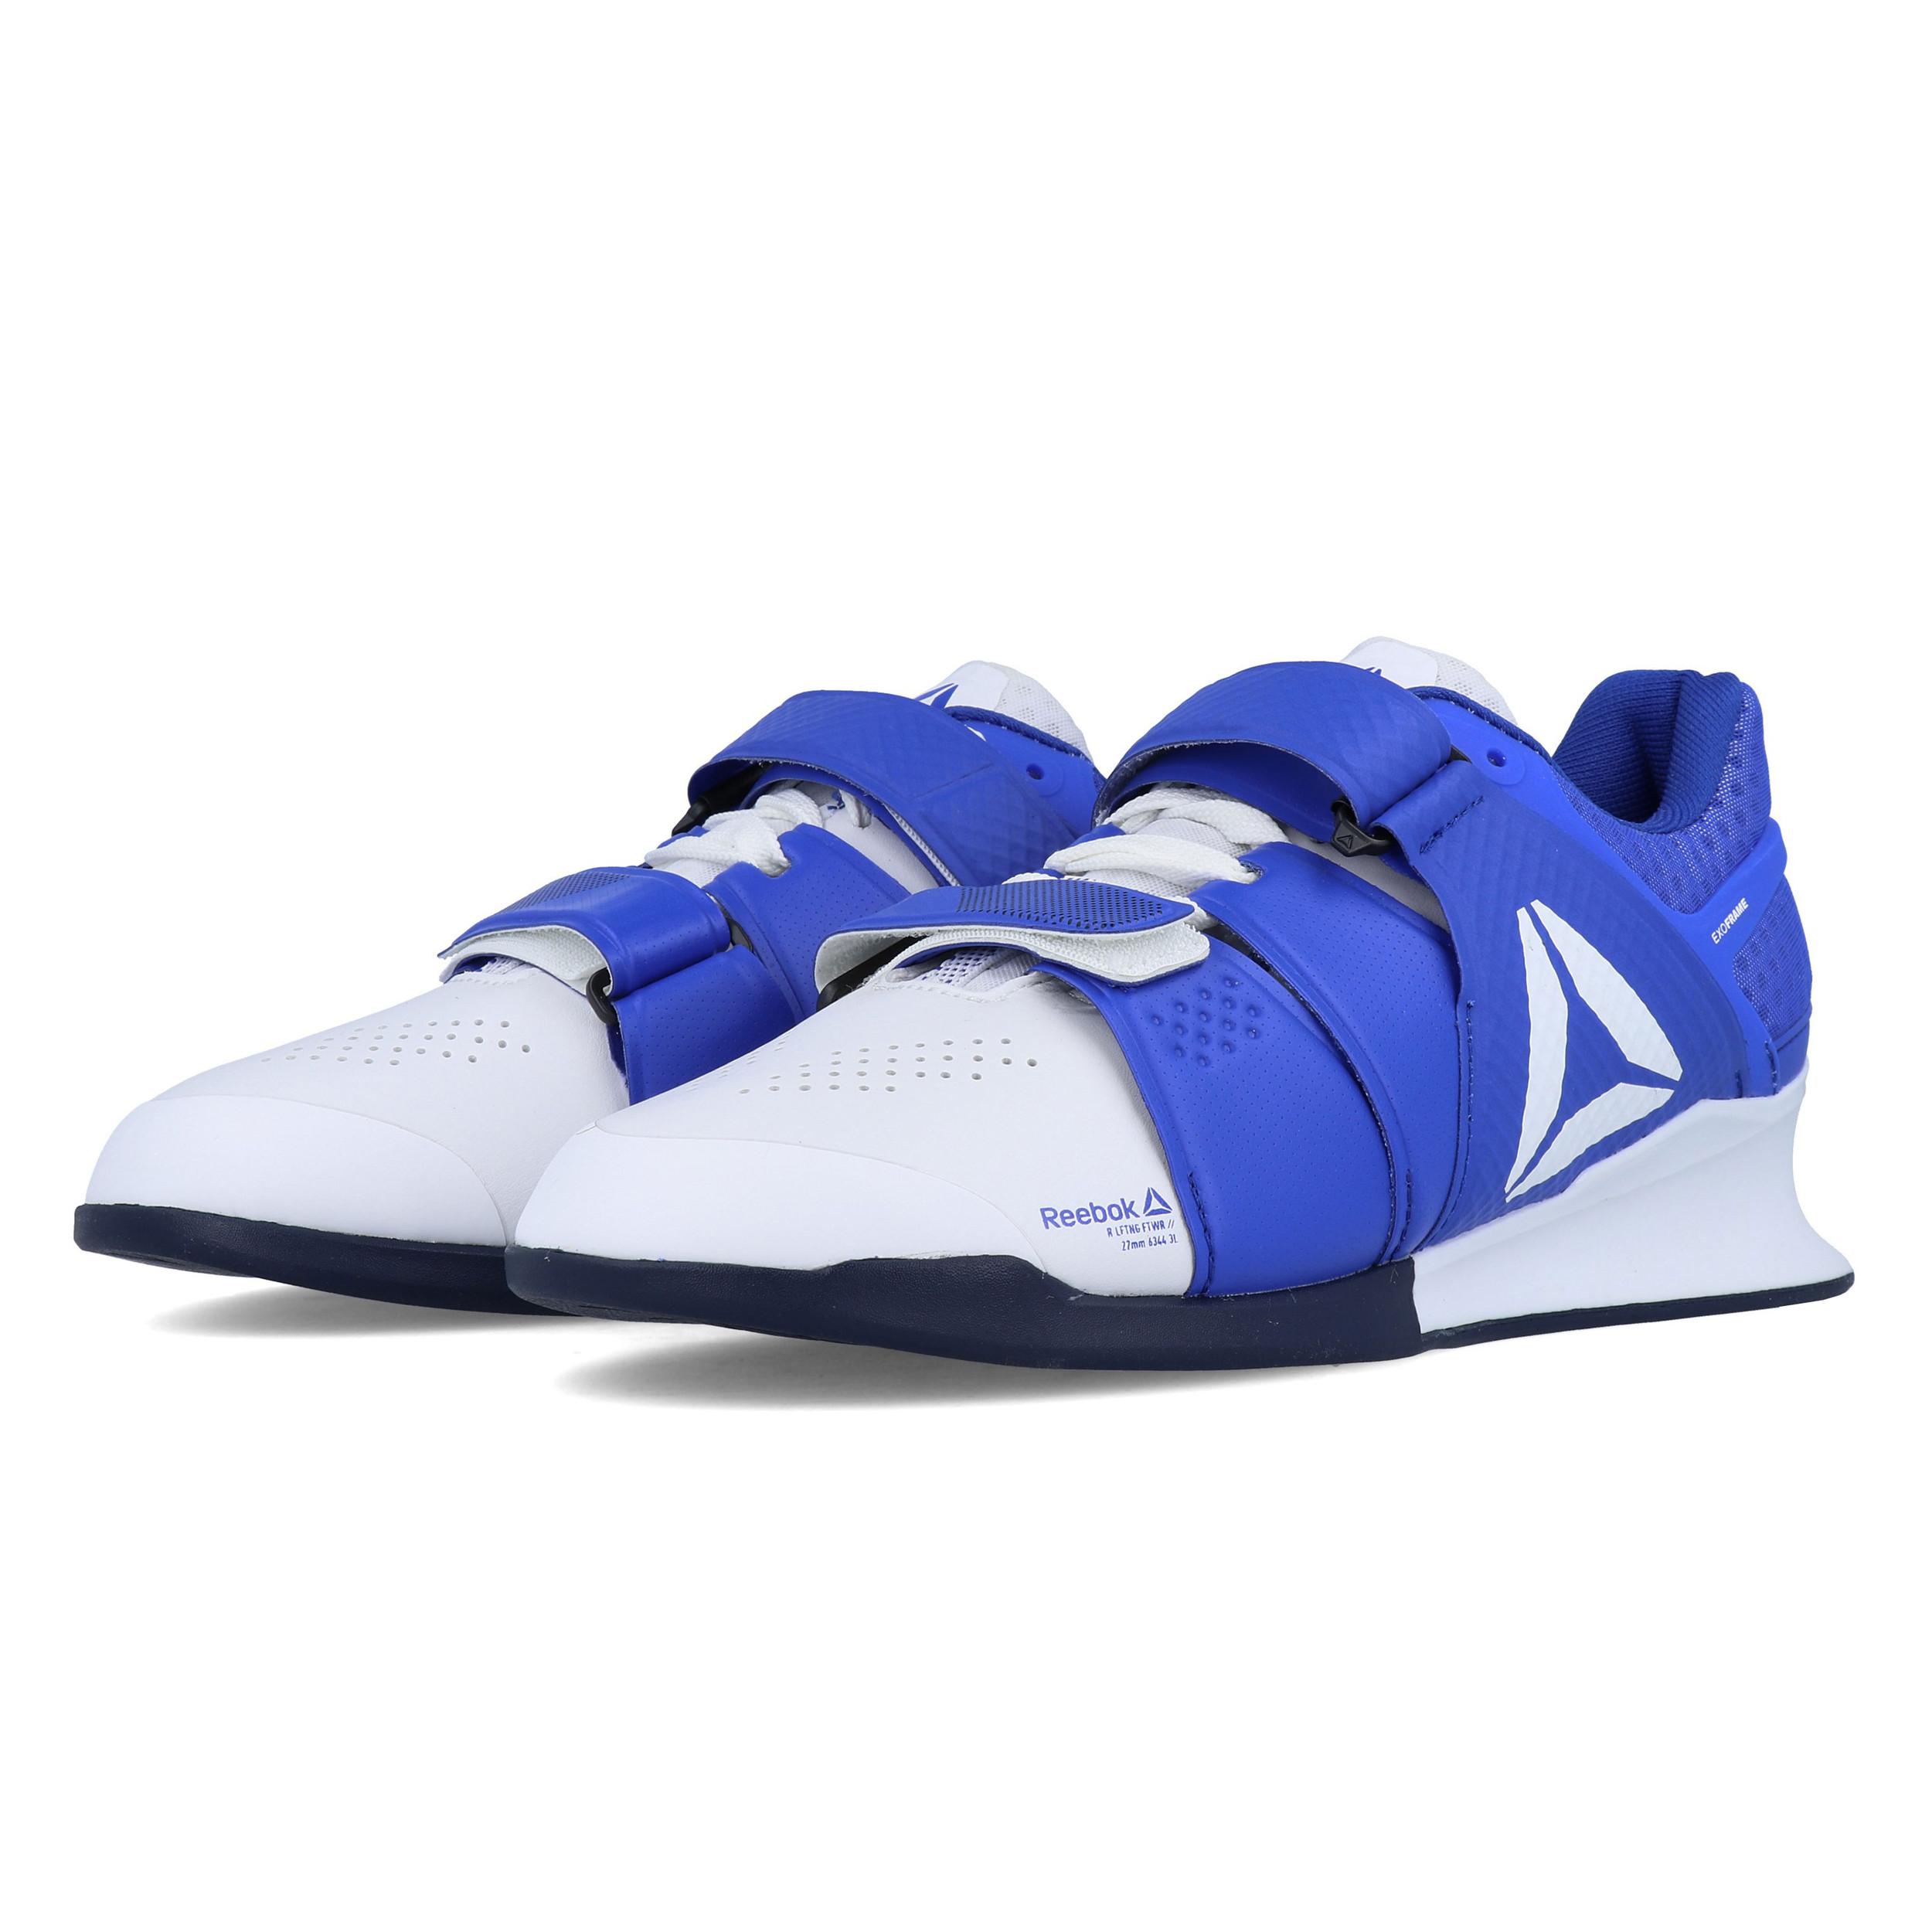 Lifter Legacy Entraînement Baskets Reebok Gym Sur Bleu Chaussures Hommes Détails Sport De 3qAL4j5R